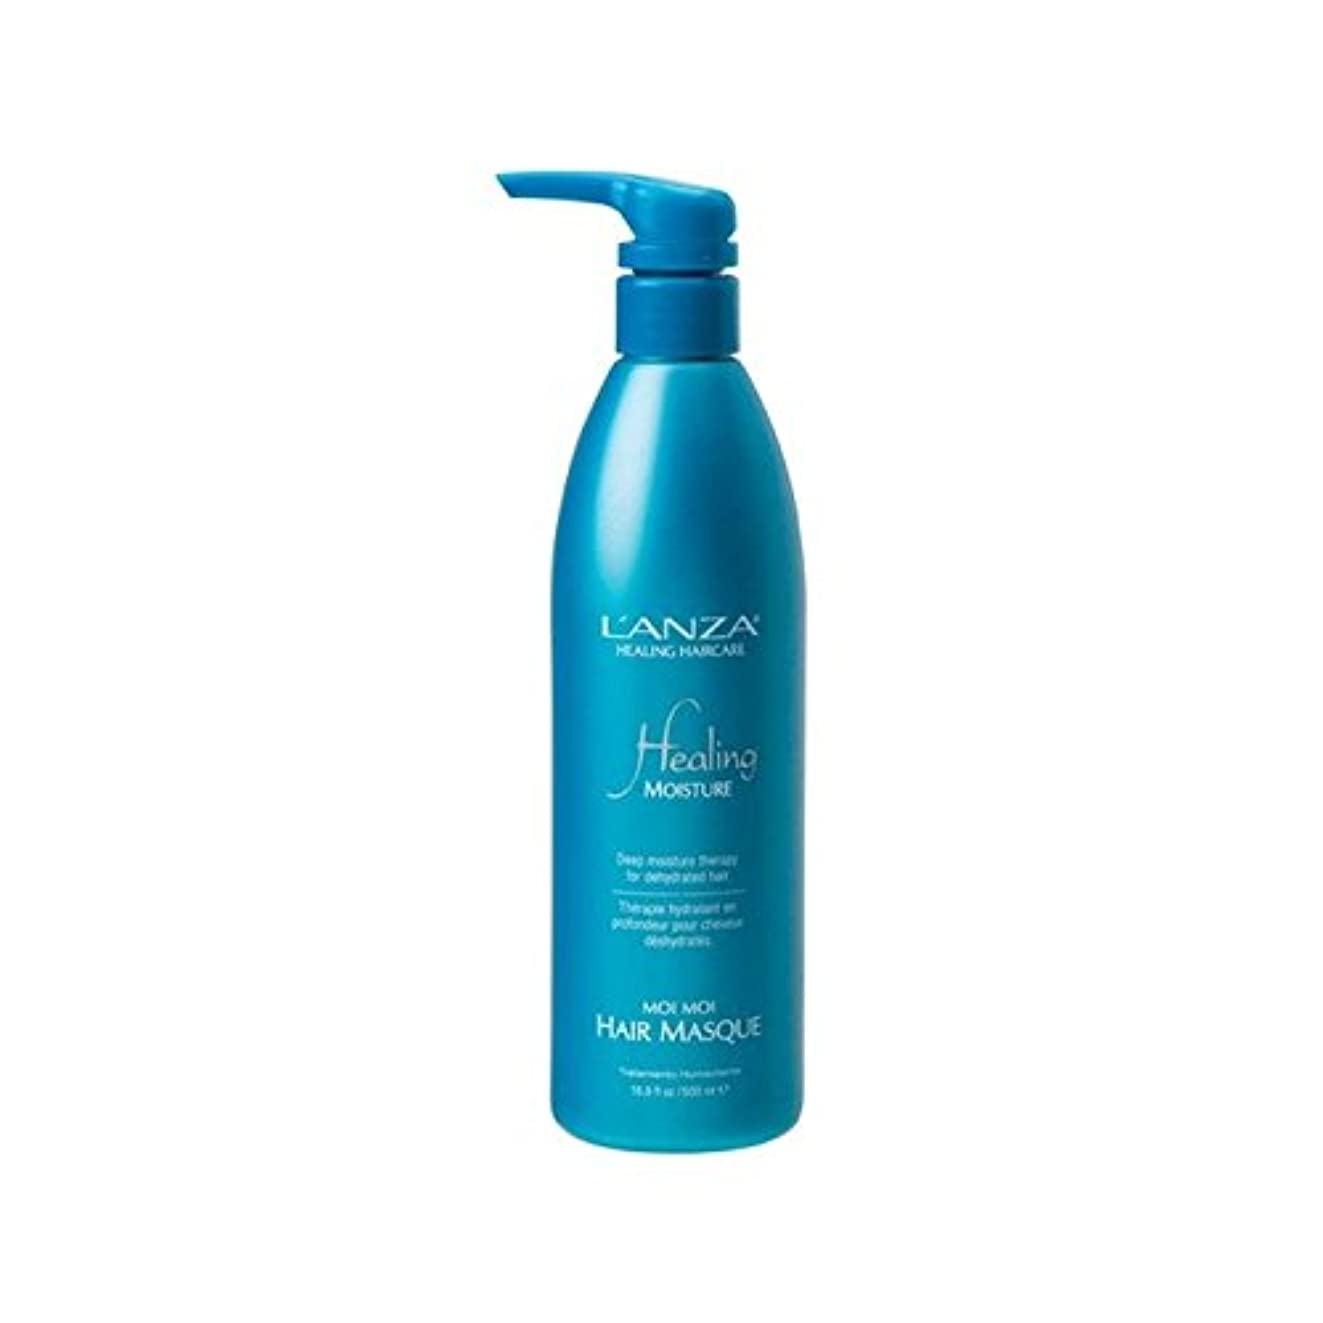 追加ヶ月目よろしくアンザ癒しの水分モイモイヘア仮面劇(500ミリリットル) x2 - L'Anza Healing Moisture Moi Moi Hair Masque (500ml) (Pack of 2) [並行輸入品]